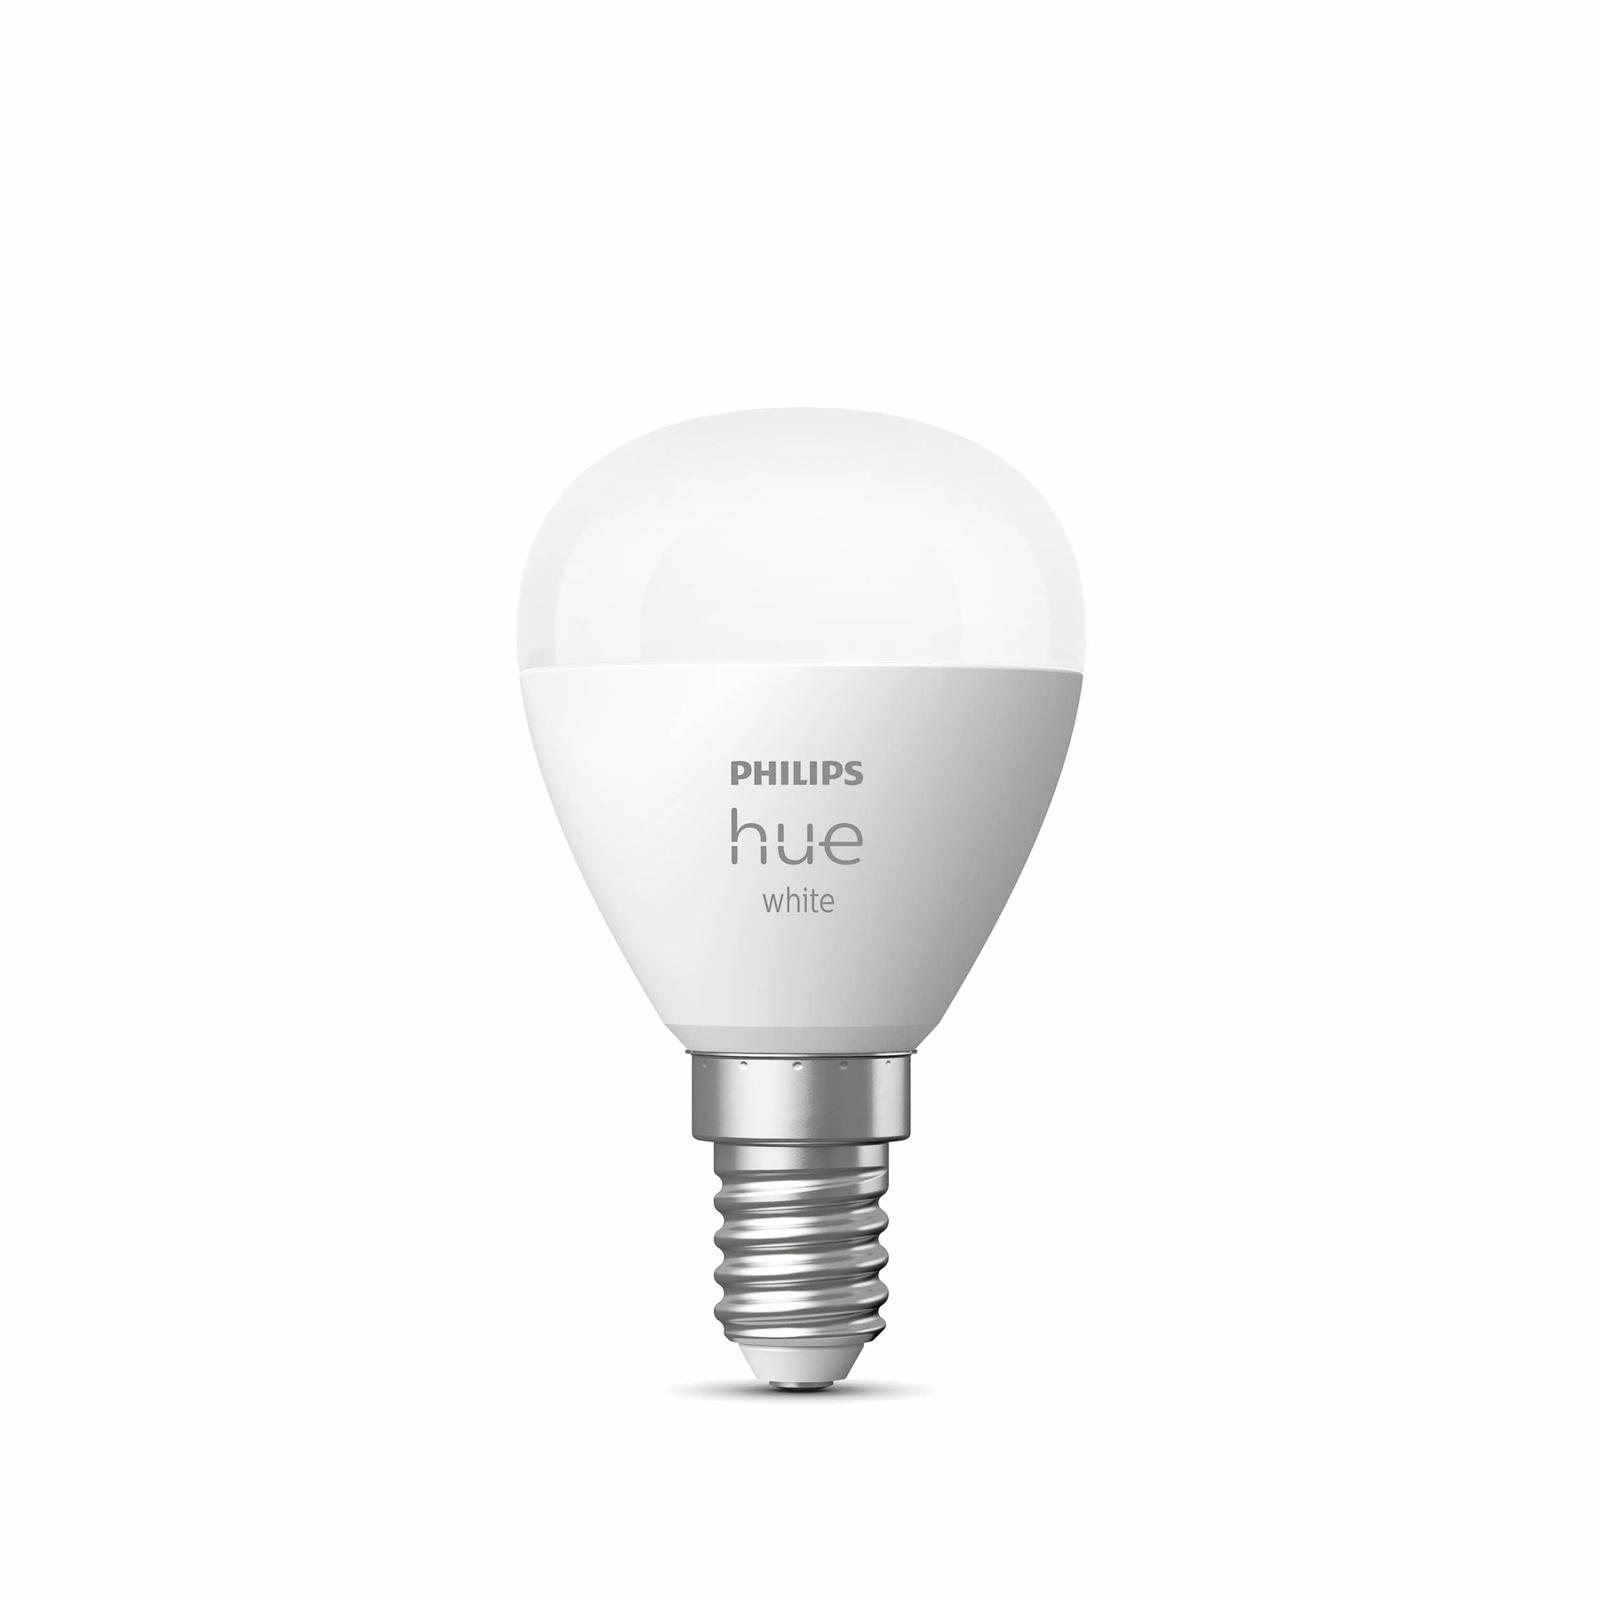 Philips Hue White żarówka kropla E14 5,7W 2700K